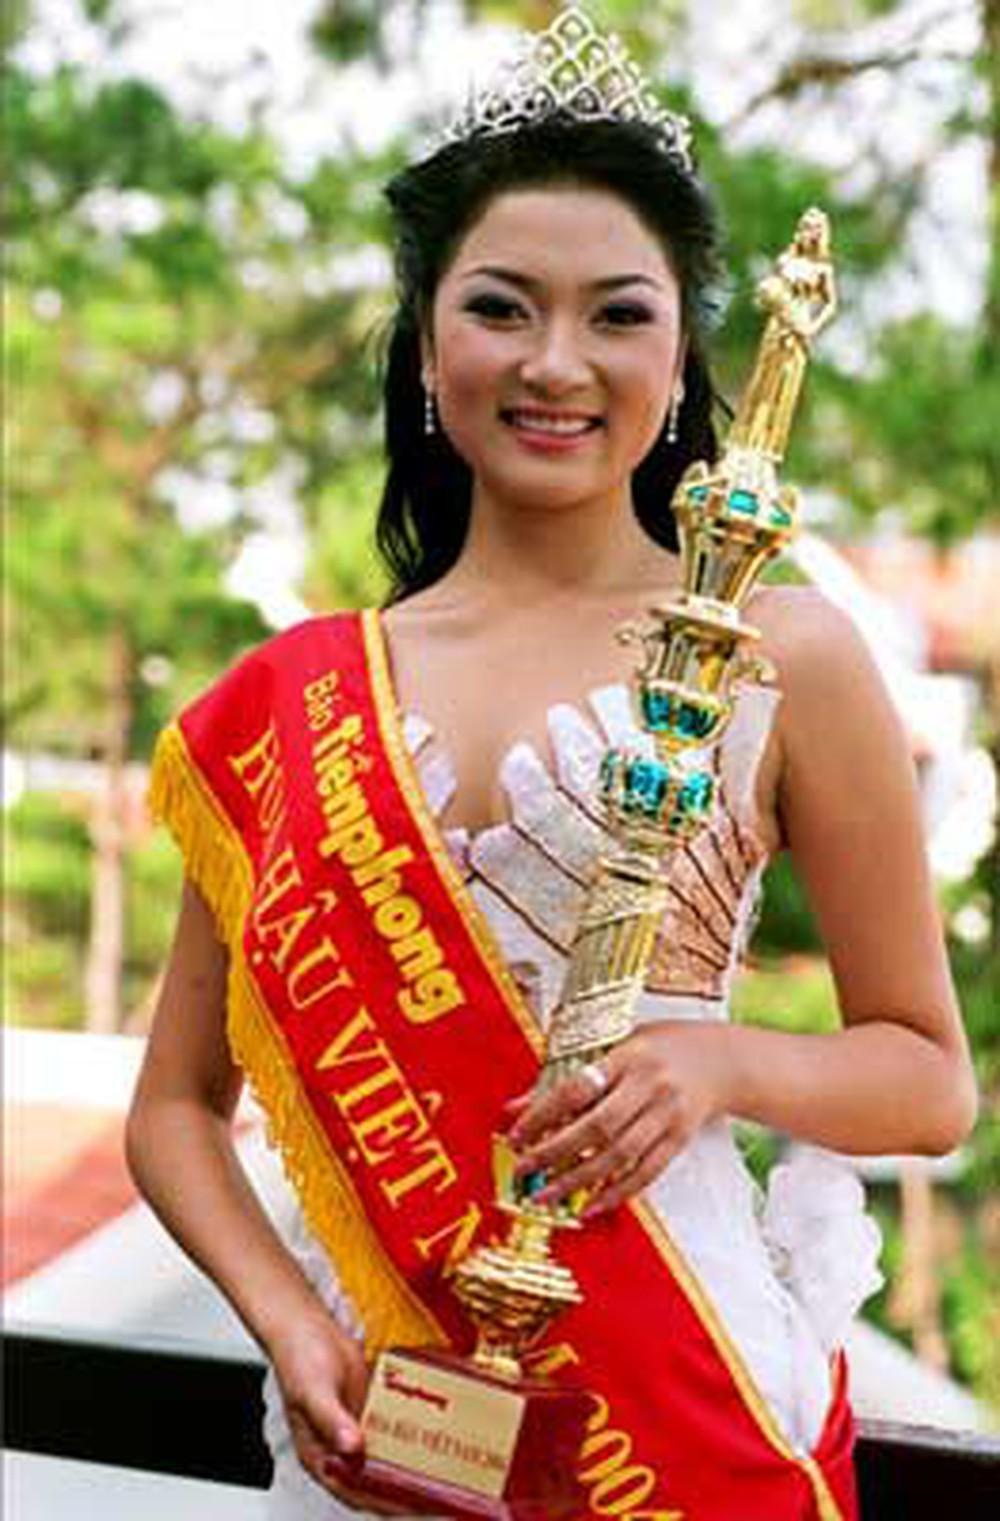 Vẻ đẹp thuần khiết của 16 cô gái thuở mới đăng quang Hoa hậu Việt Nam: Chờ đợi nhan sắc kế nhiệm Tiểu Vy Ảnh 16